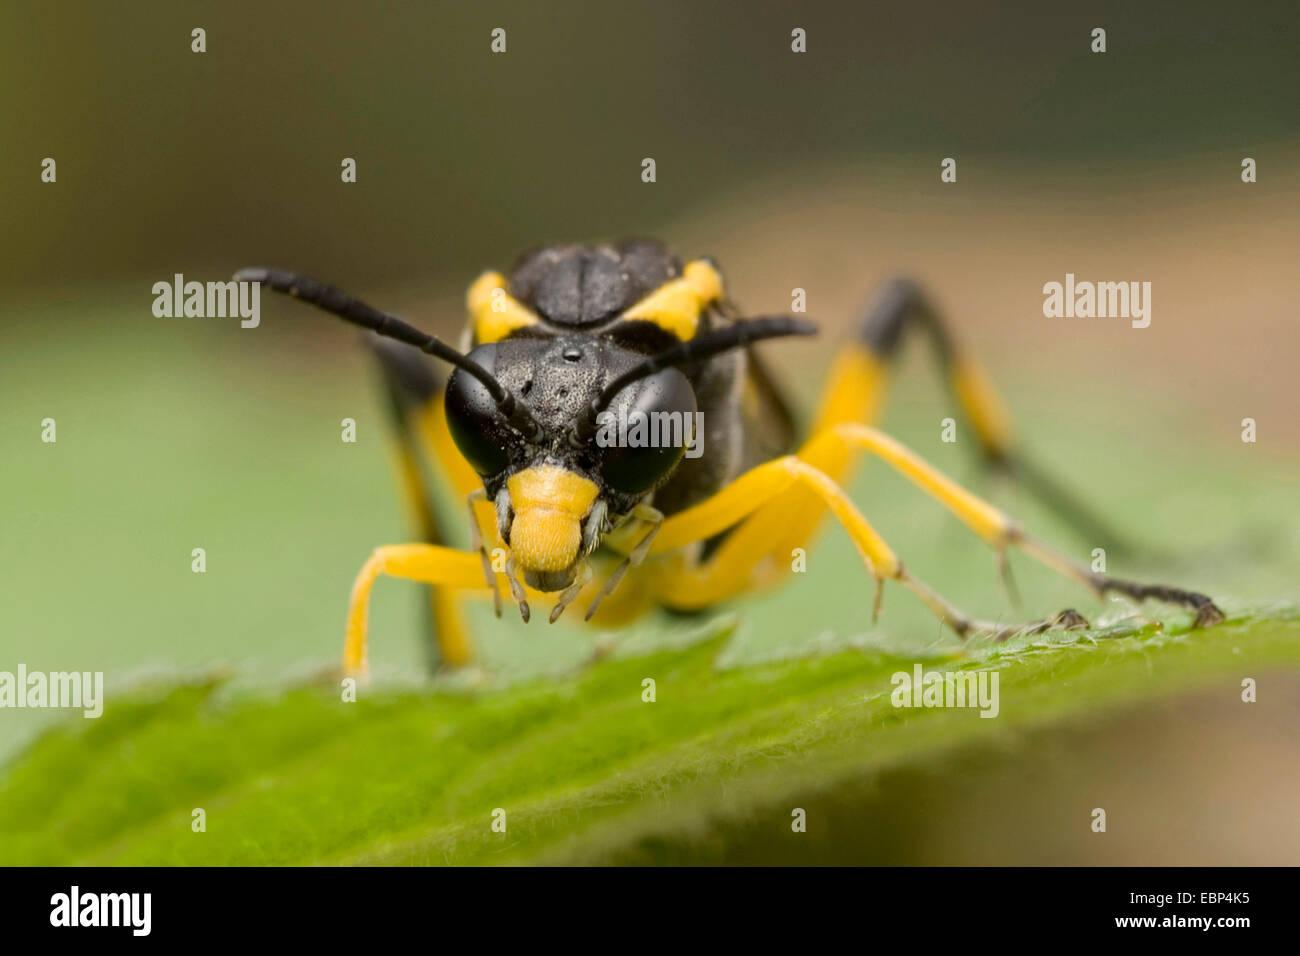 Blattwespen (Macrophya Montana), auf einem Blatt, Vorderansicht, Deutschland Stockbild